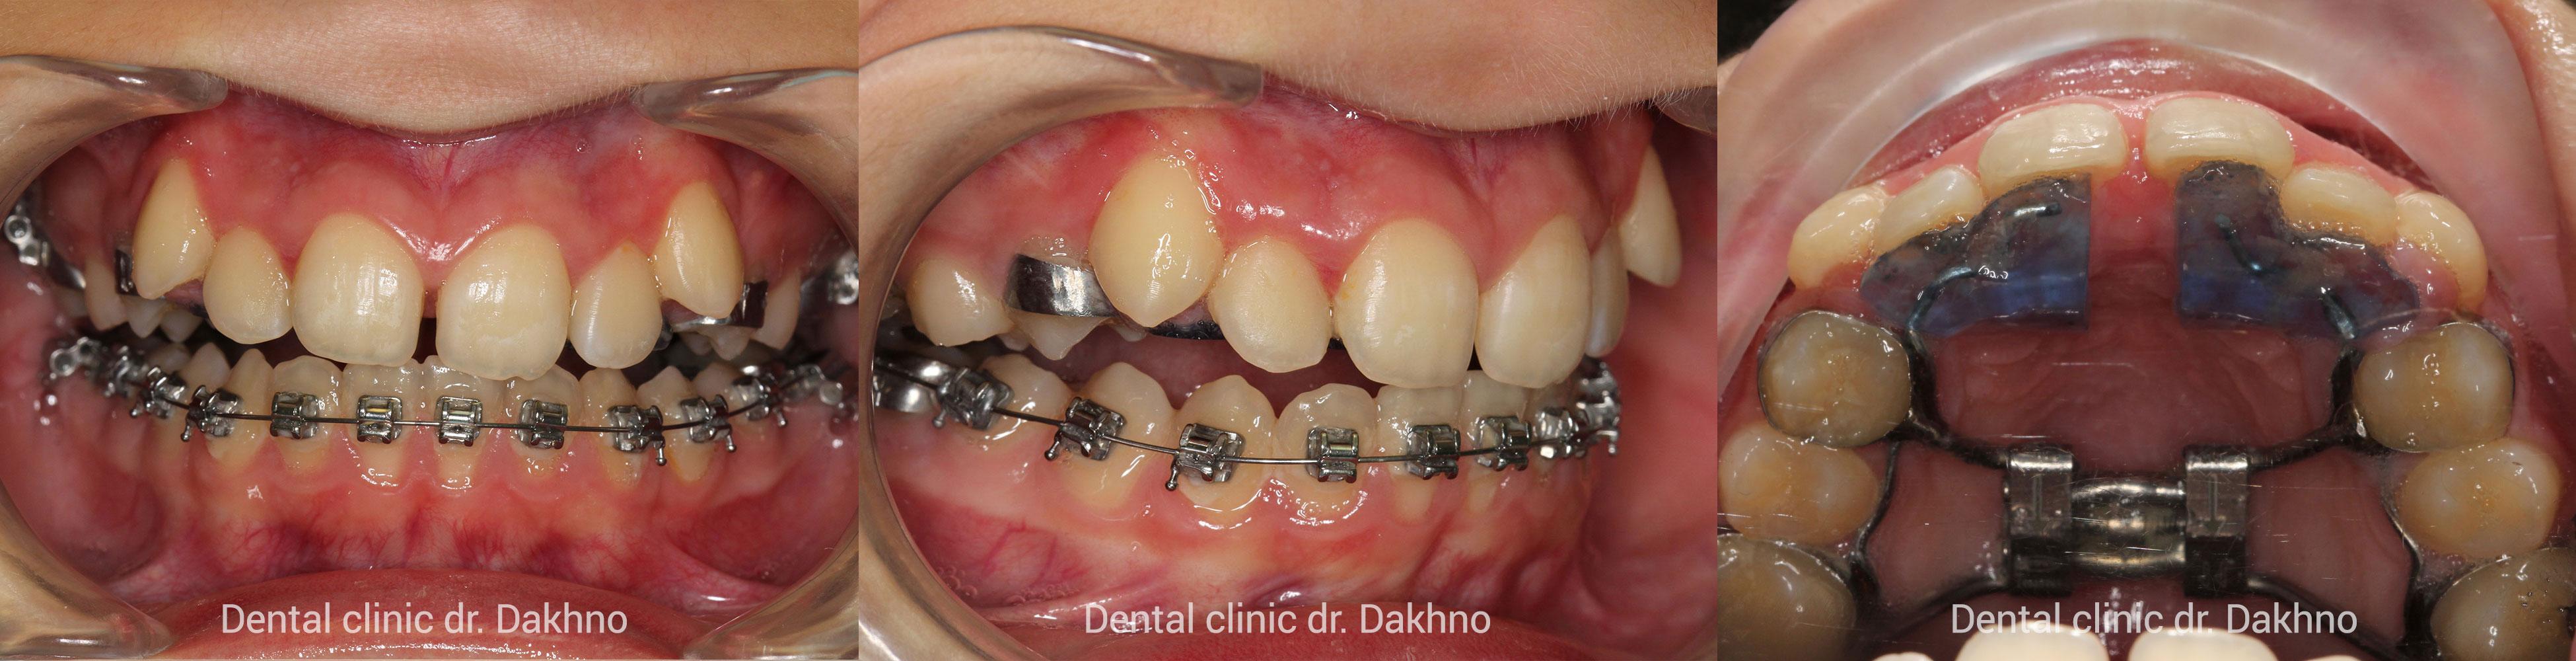 Второй этап расширения верхней челюсти